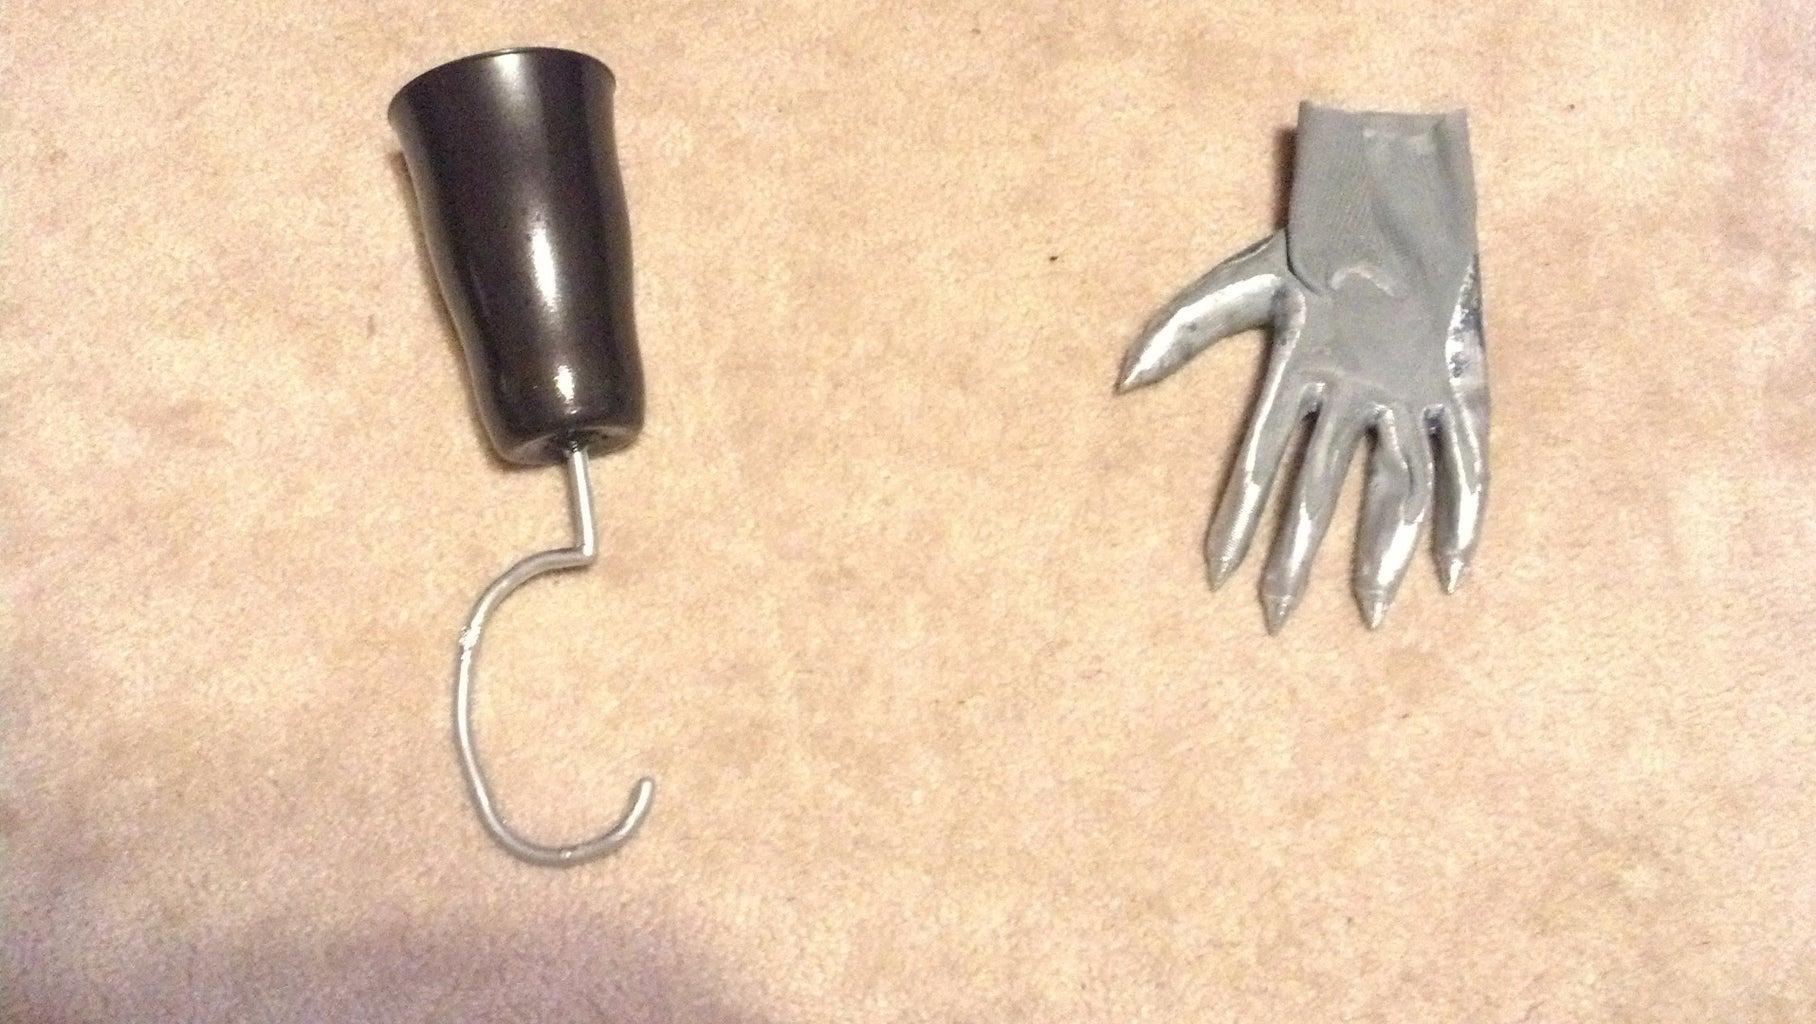 E. Hand, Hook, and Feet